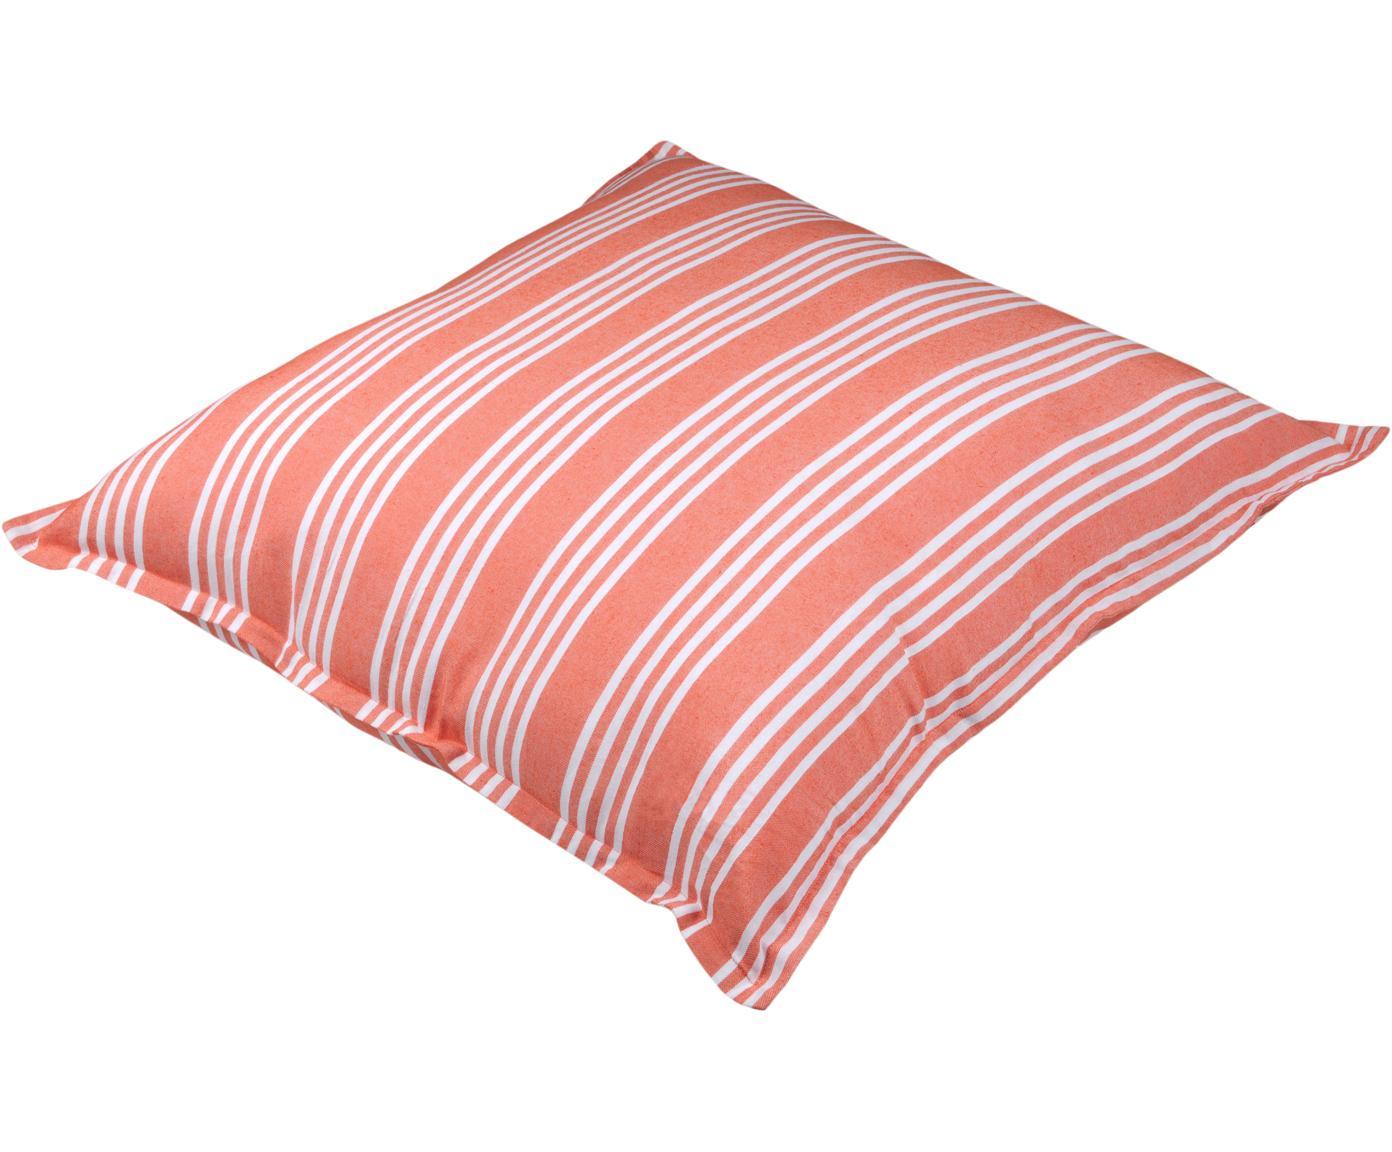 Cuscino da pavimento corallo Mandelieu, Cotone misto, Corallo, bianco, Larg. 80 x Lung. 80 cm